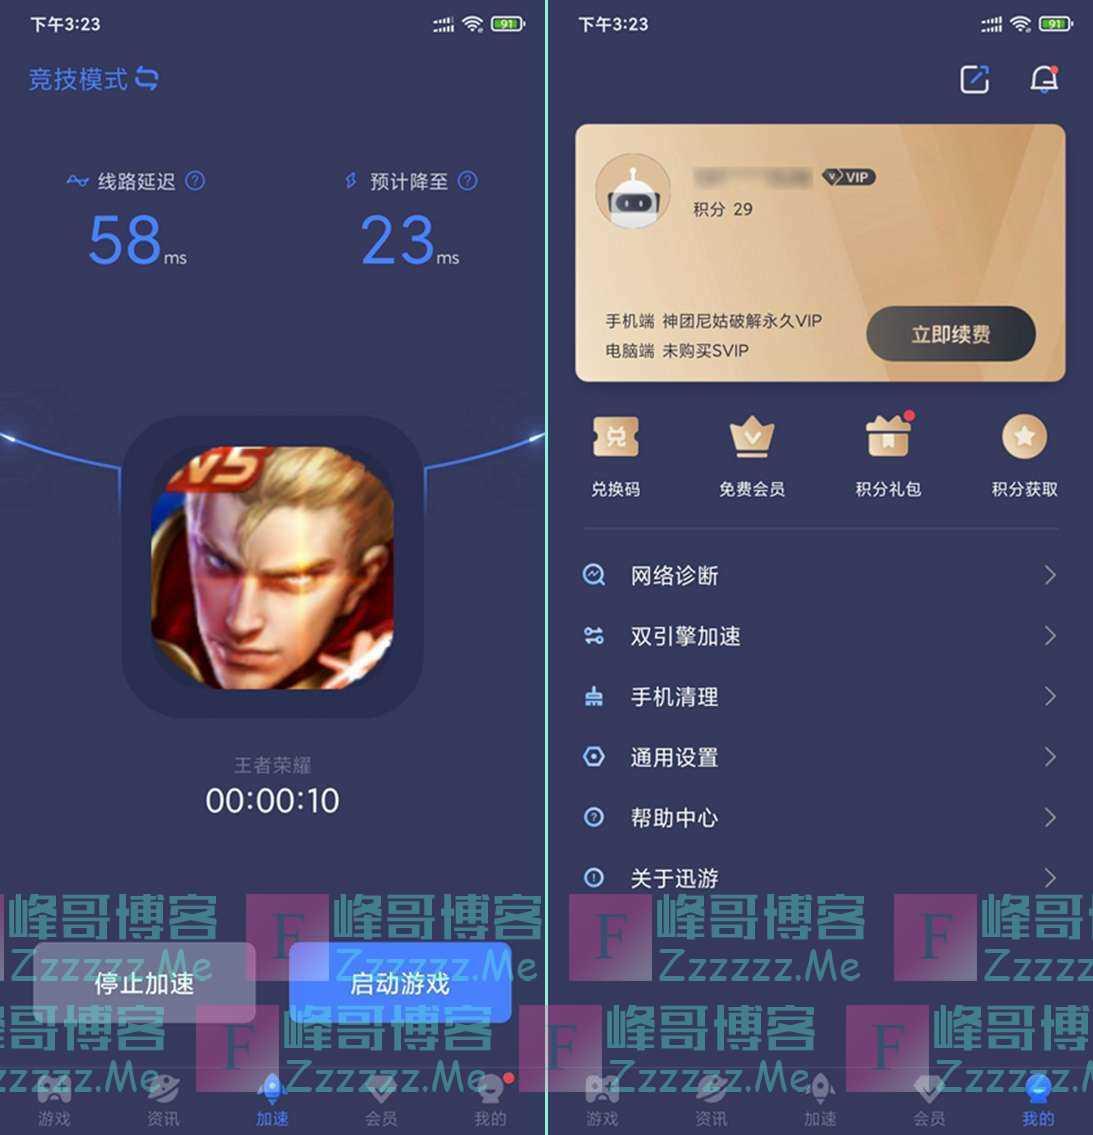 安卓迅游手游加速器V5.2.3.1 最新迅游手游加速器VIP破解版下载